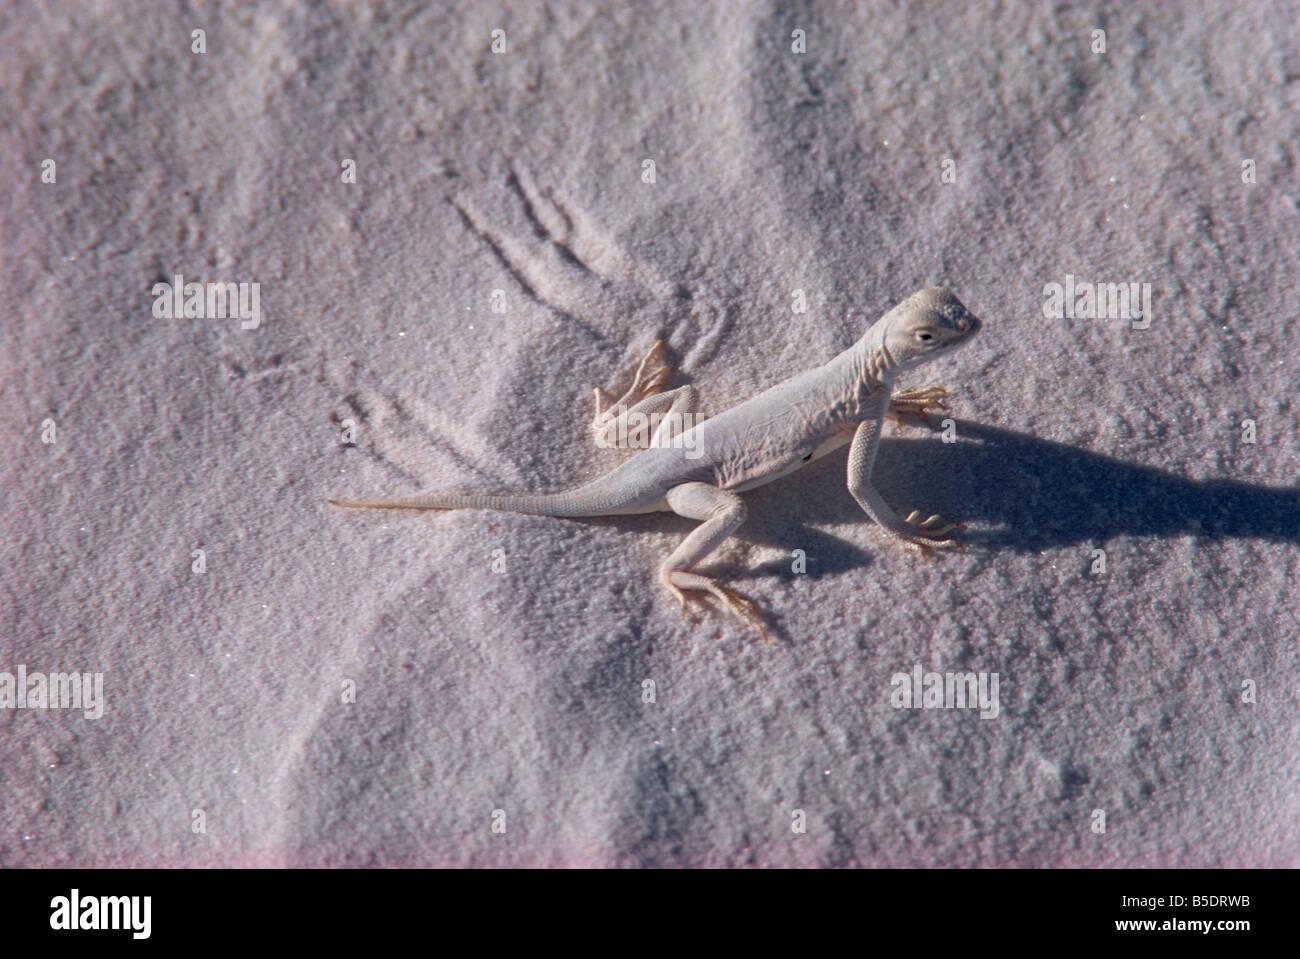 Eidechse, White Sands, neu Mexiko, USA, Nordamerika Stockbild